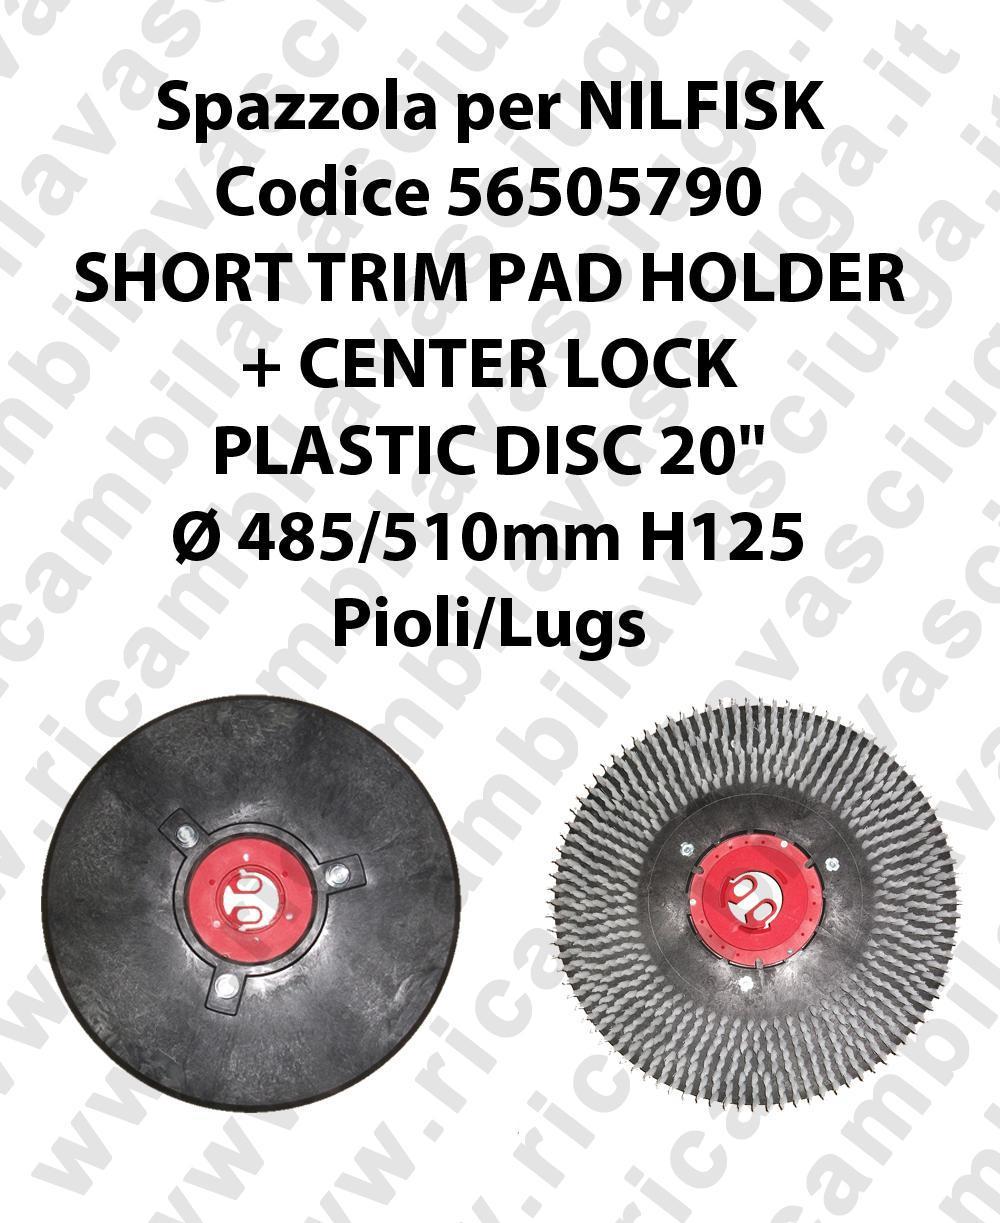 56505790 SHORT TRIM Treiberteller + CENTERLOCK für scheuersaugmaschinen NILFISK